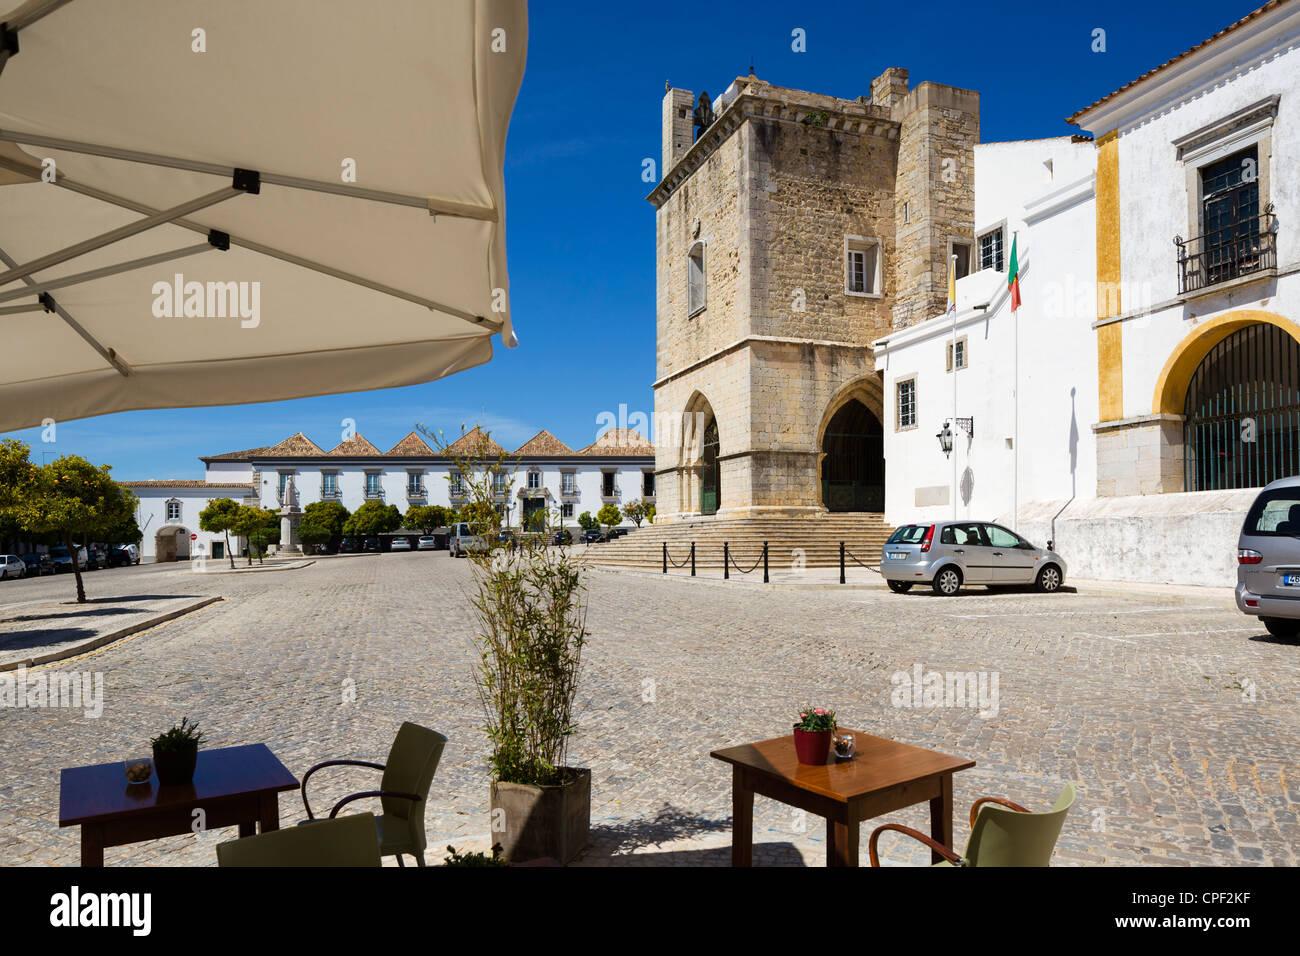 The Se (Cathedral) in Largo da Se, Old Town (Cidade Velha or Vila Adentro), Faro, Algarve, Portugal Stock Photo